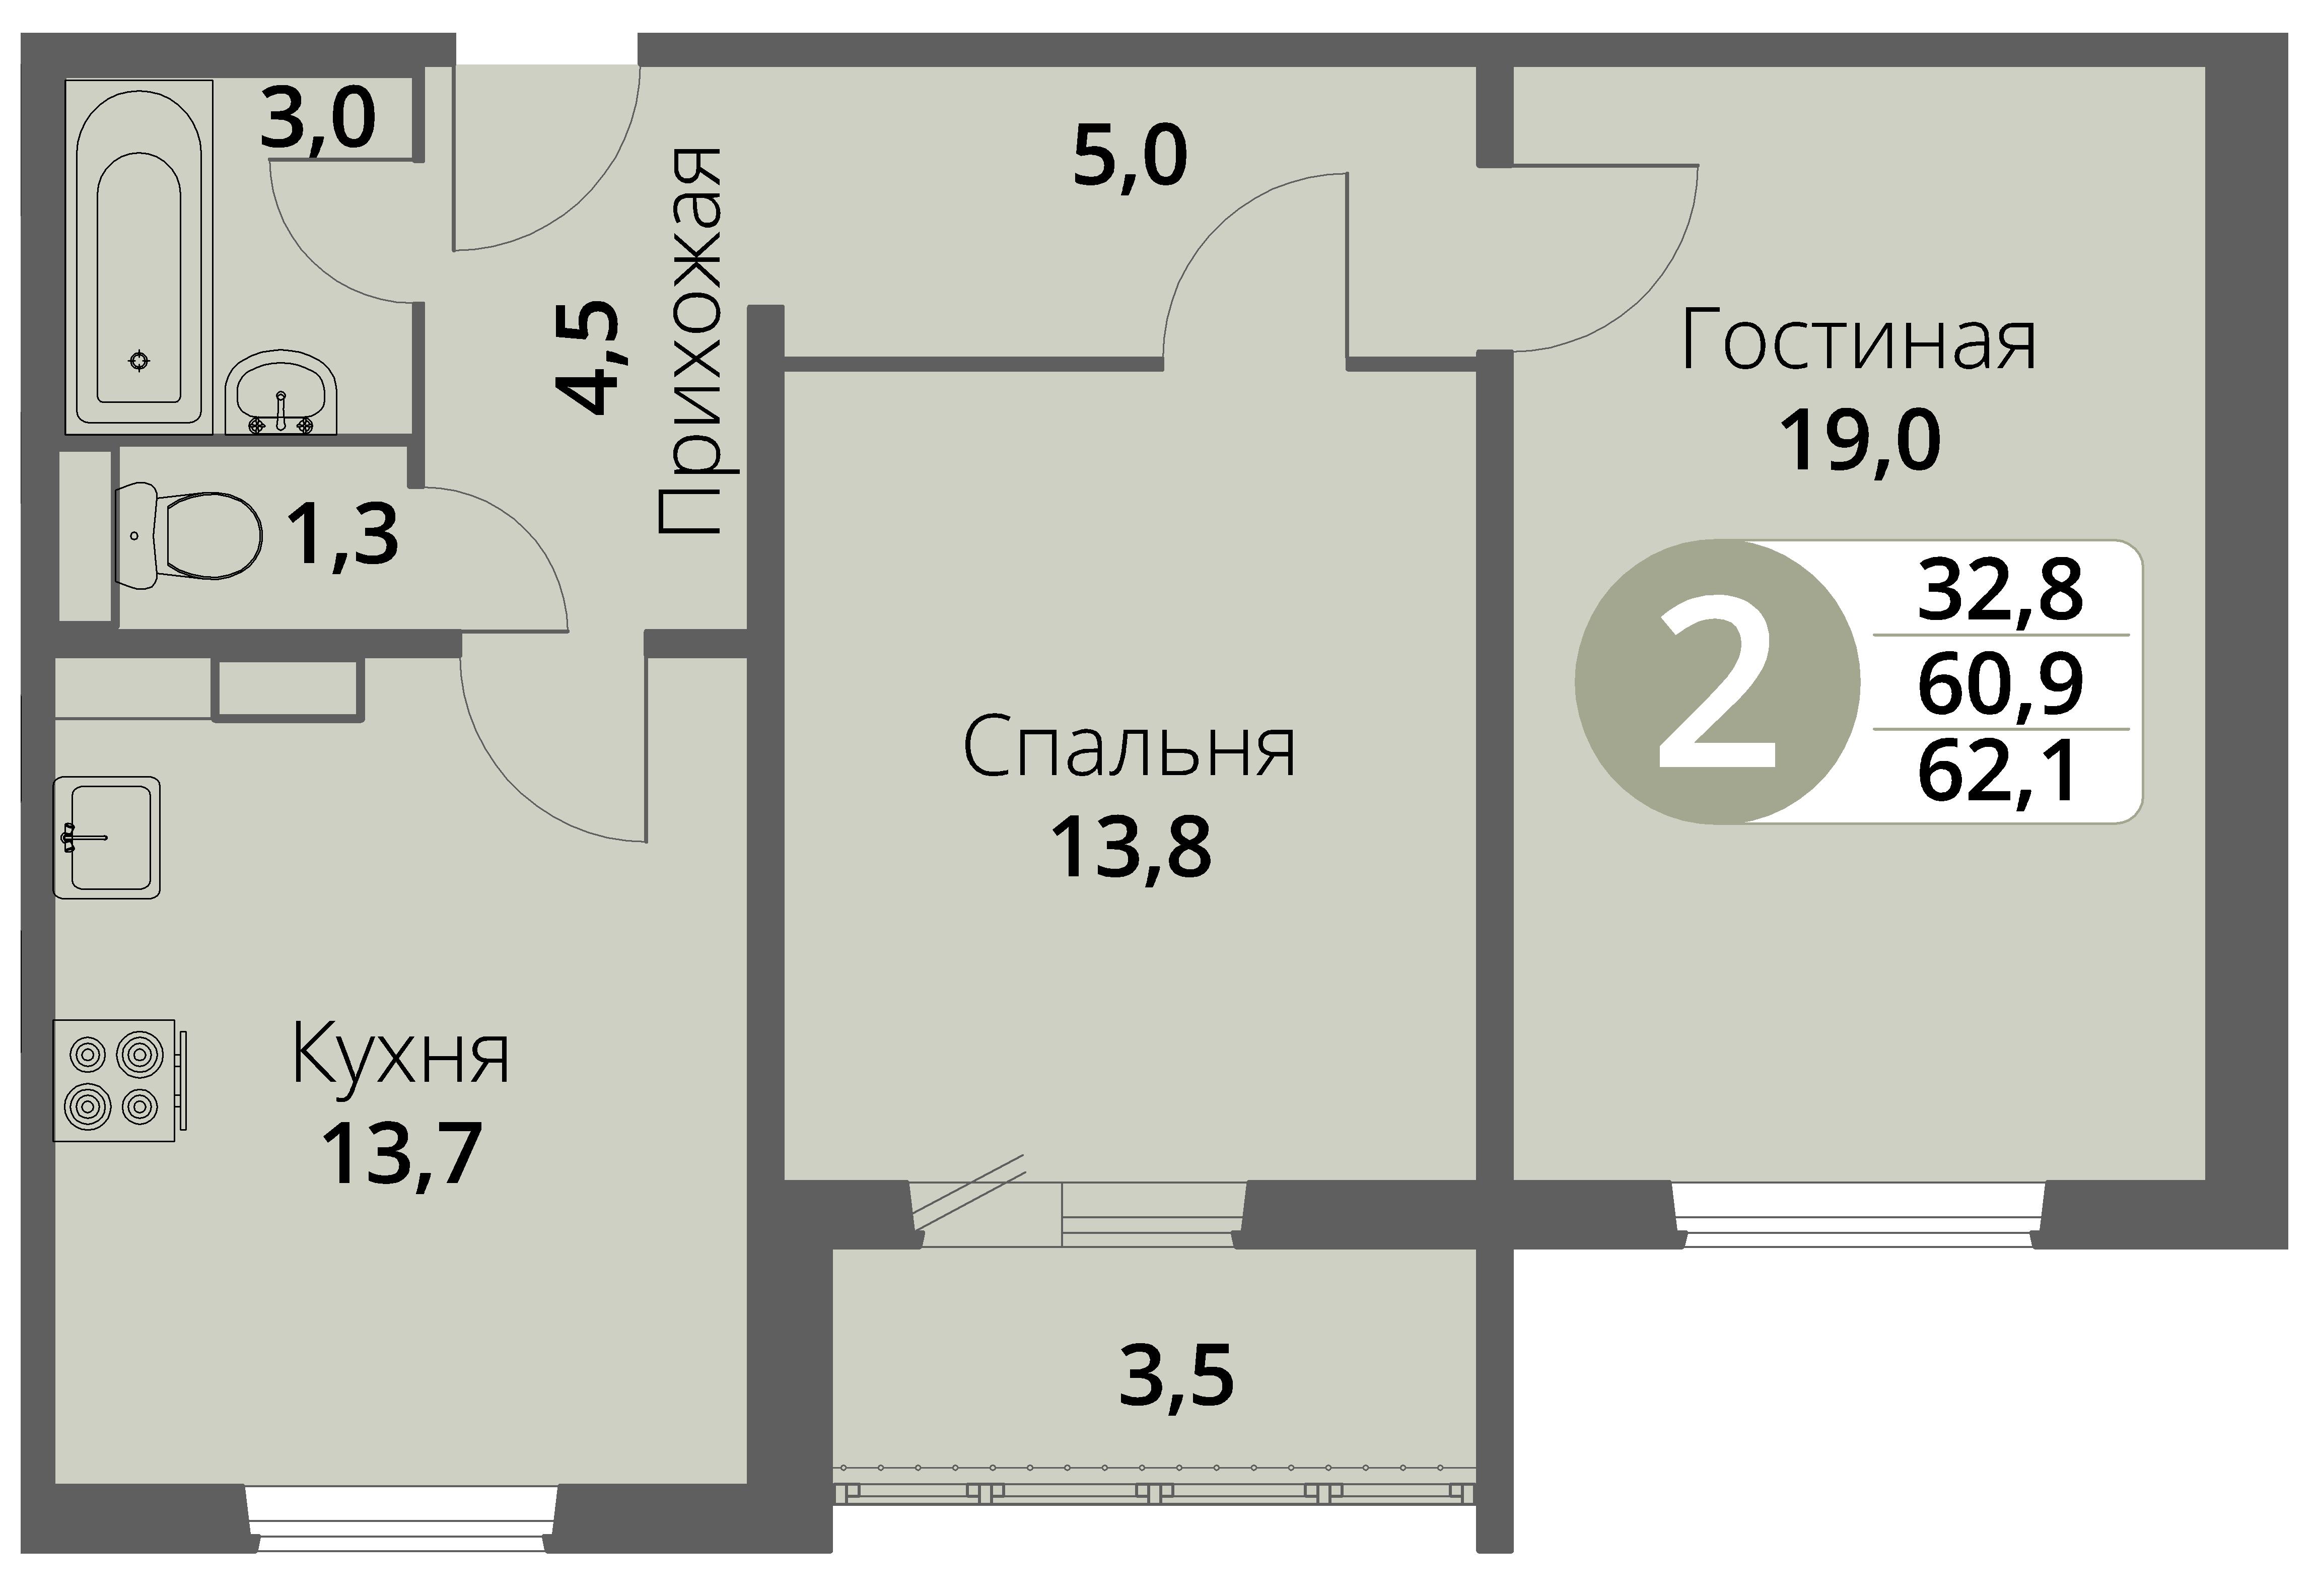 Зареченская 1-1, квартира 77 - Двухкомнатная